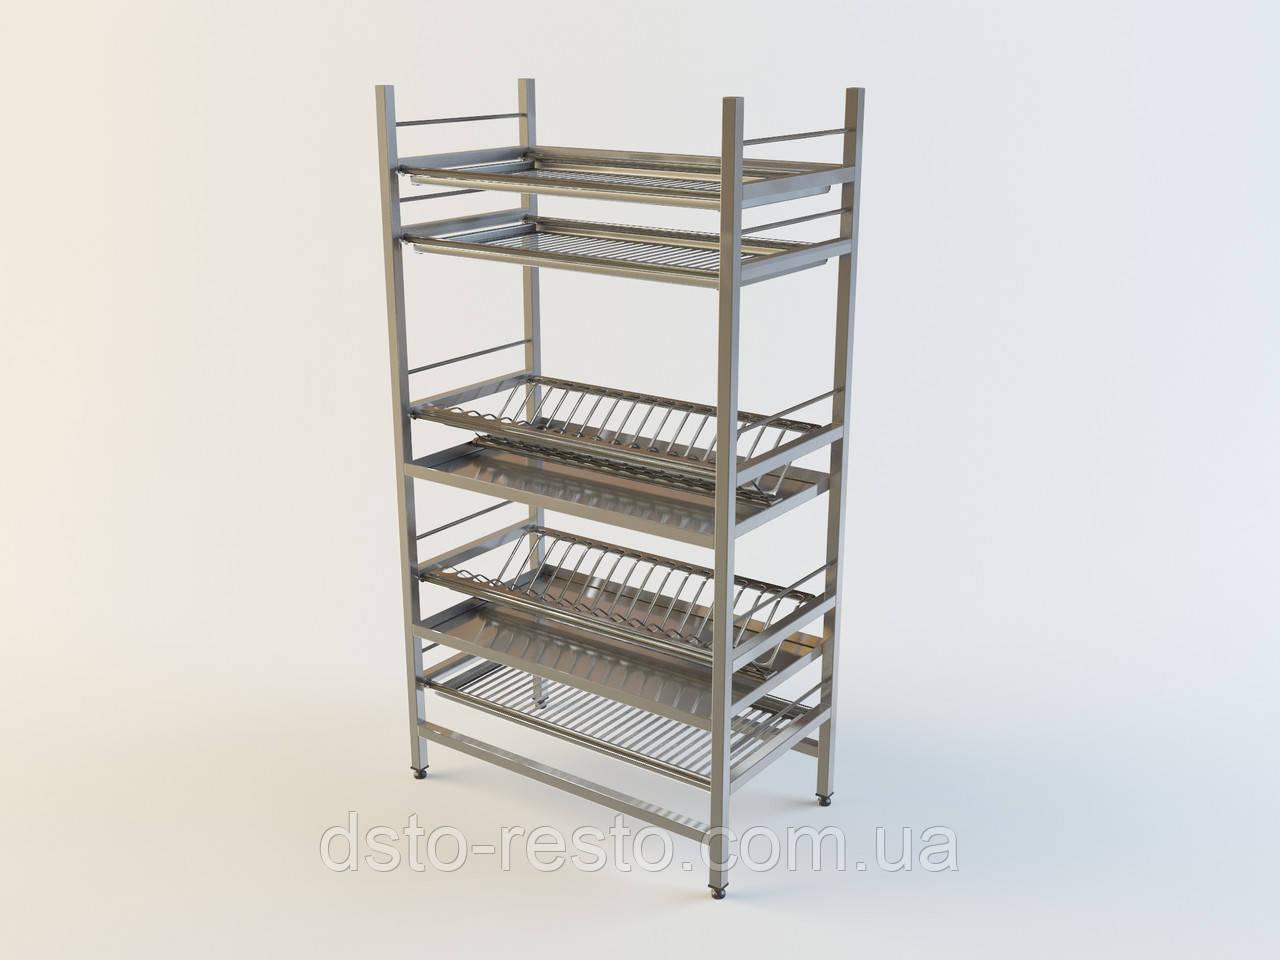 Стелажі для зберігання посуду 500/320/1650 мм